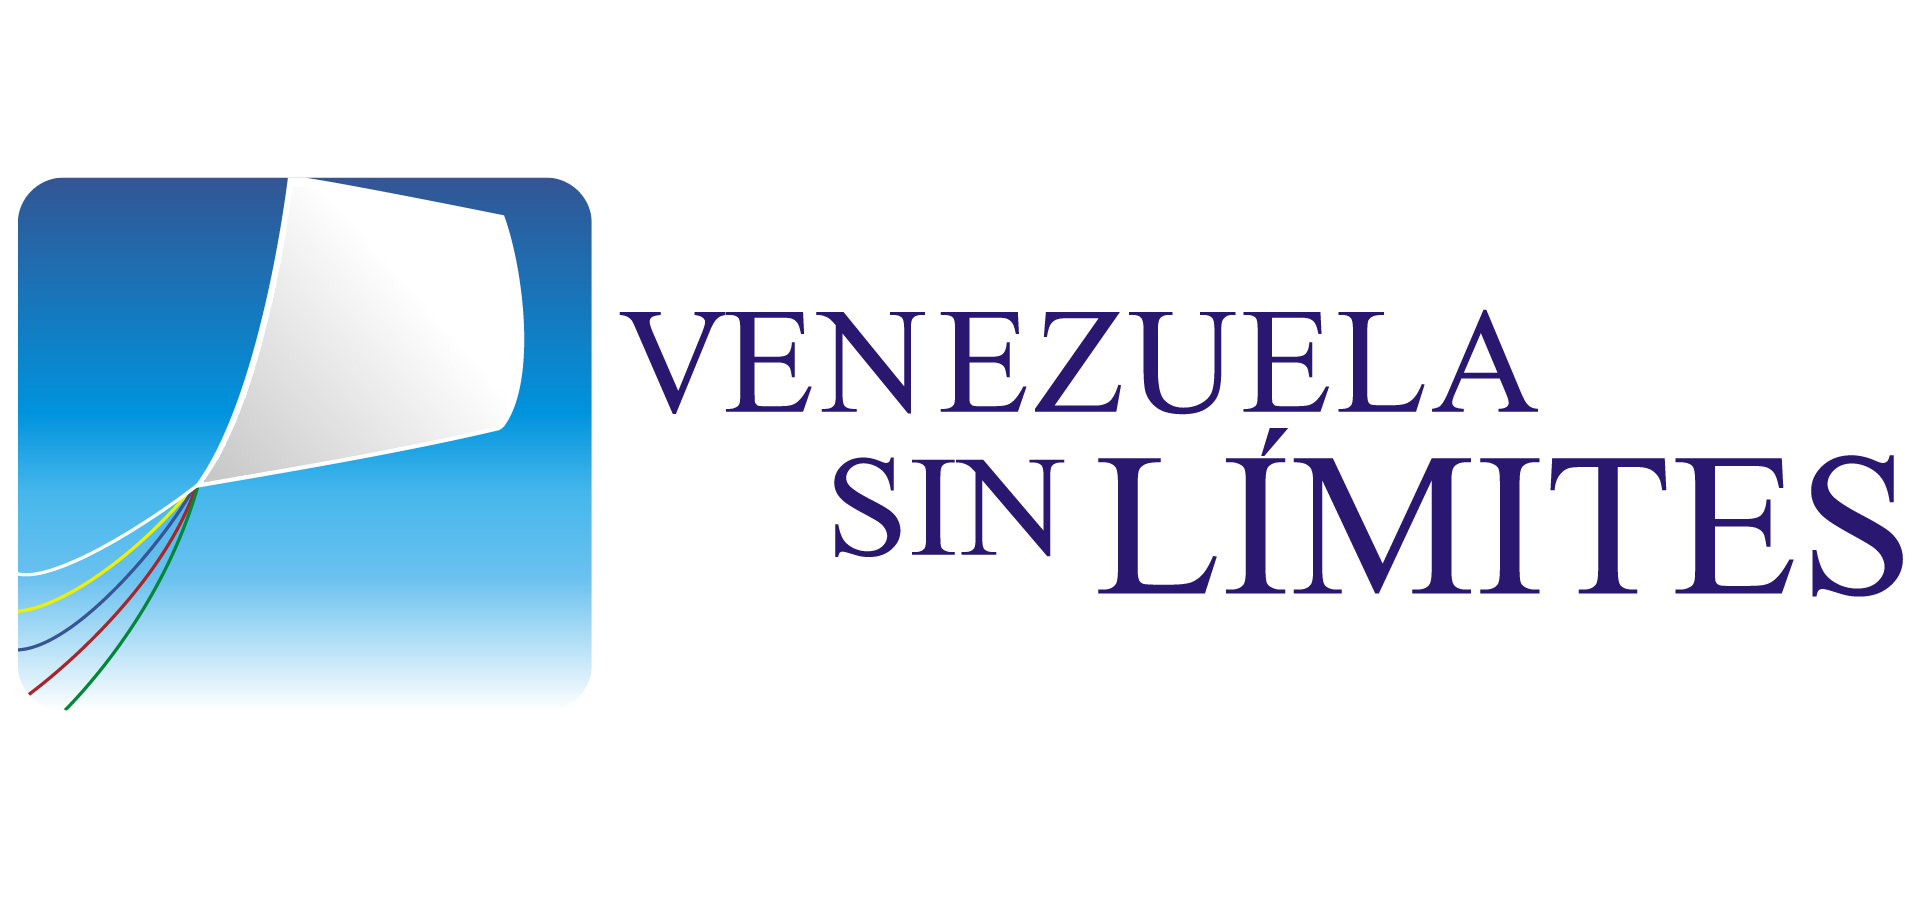 Venezuela sin Limites